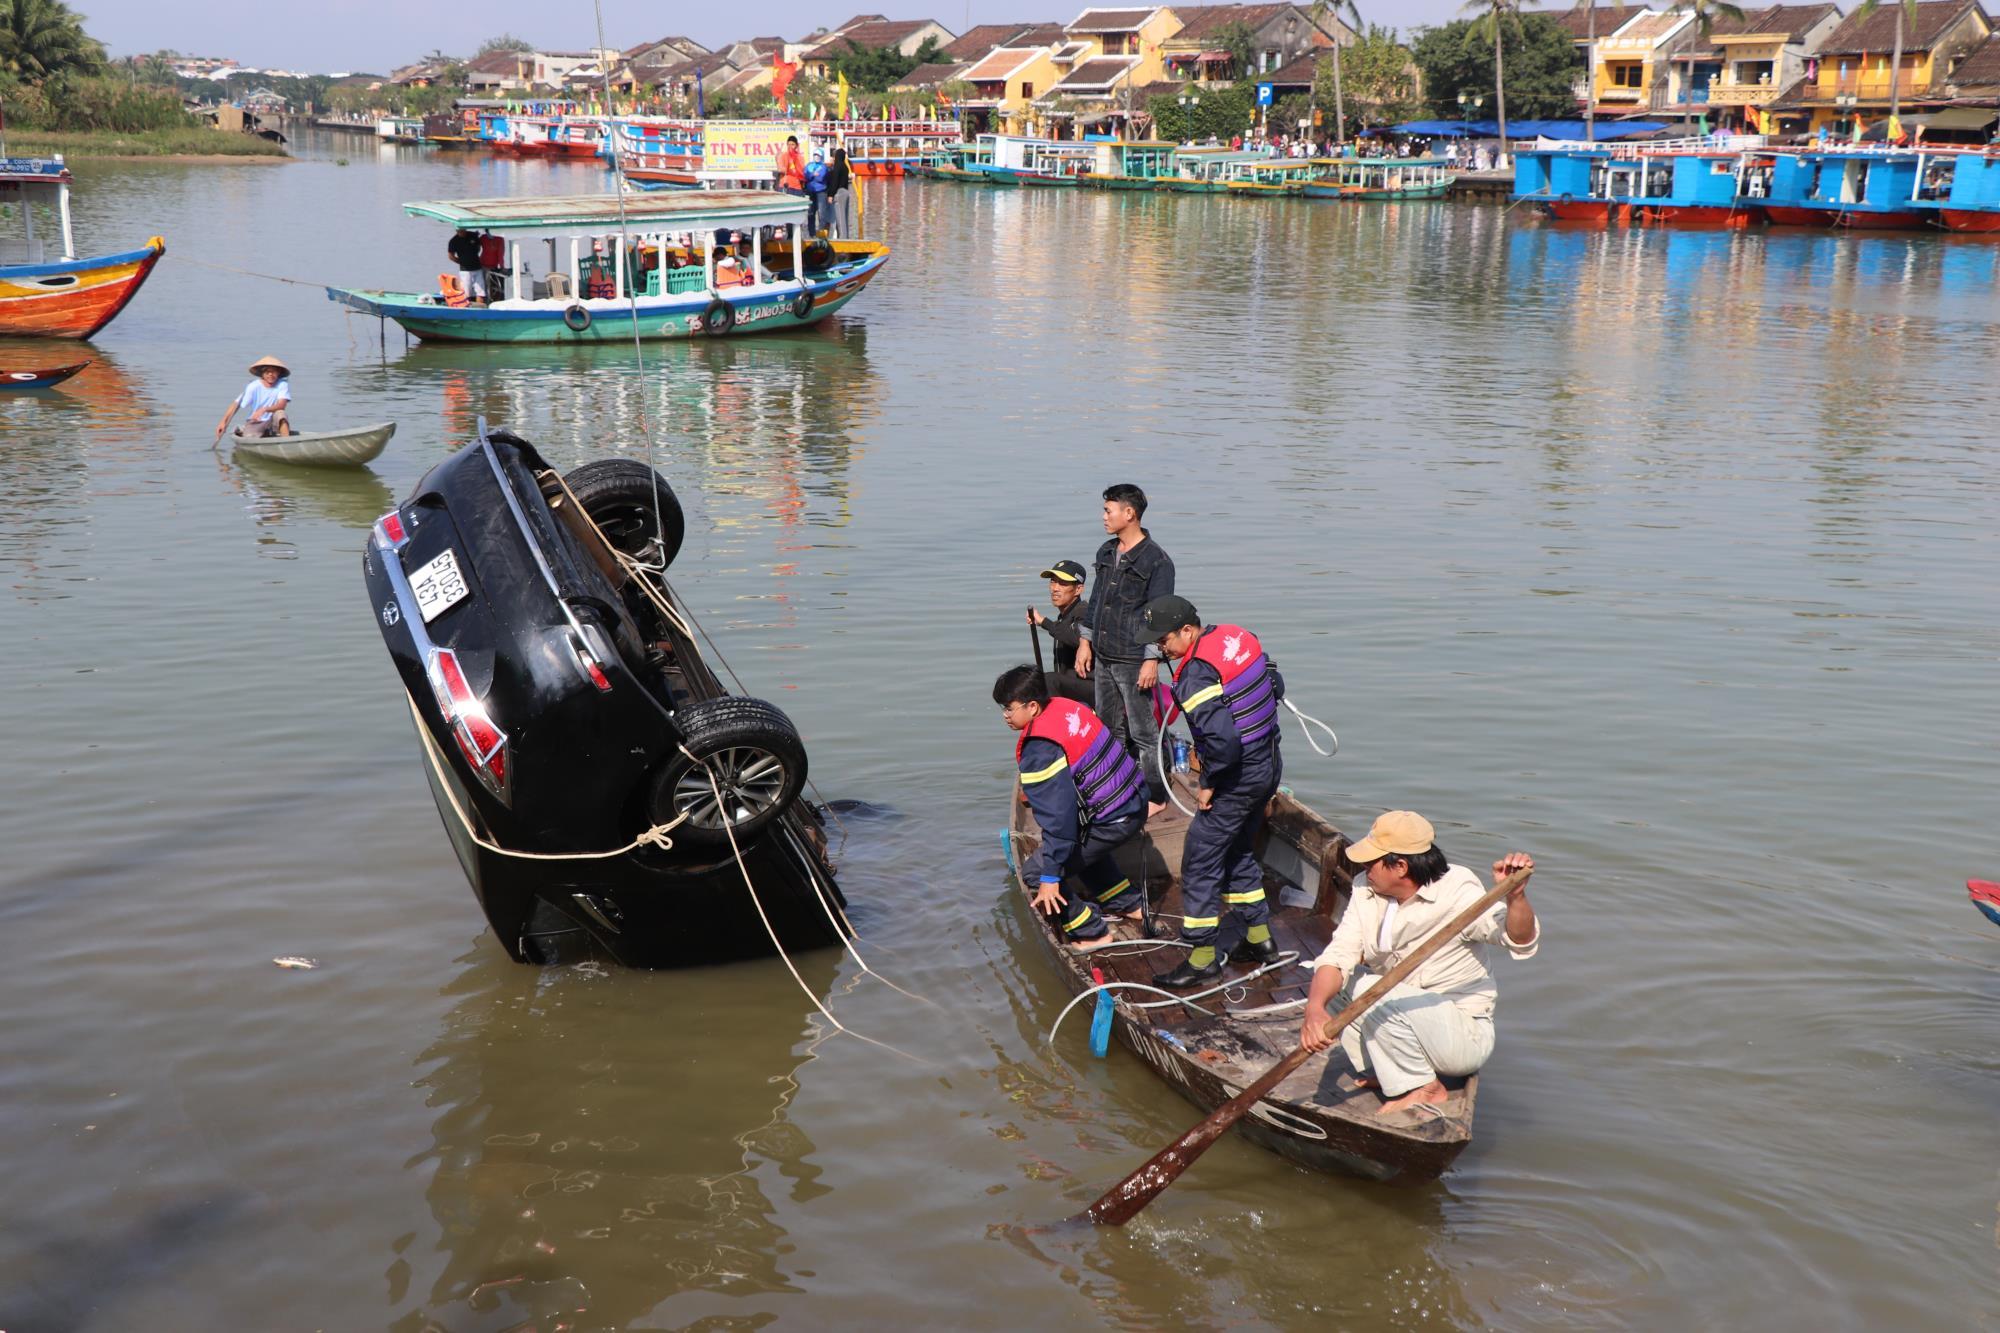 Hàng trăm người xót xa khi tìm thấy thi thể bé trai 6 tuổi mắc kẹt trong chiếc ô tô lao xuống sông Hoài - Ảnh 5